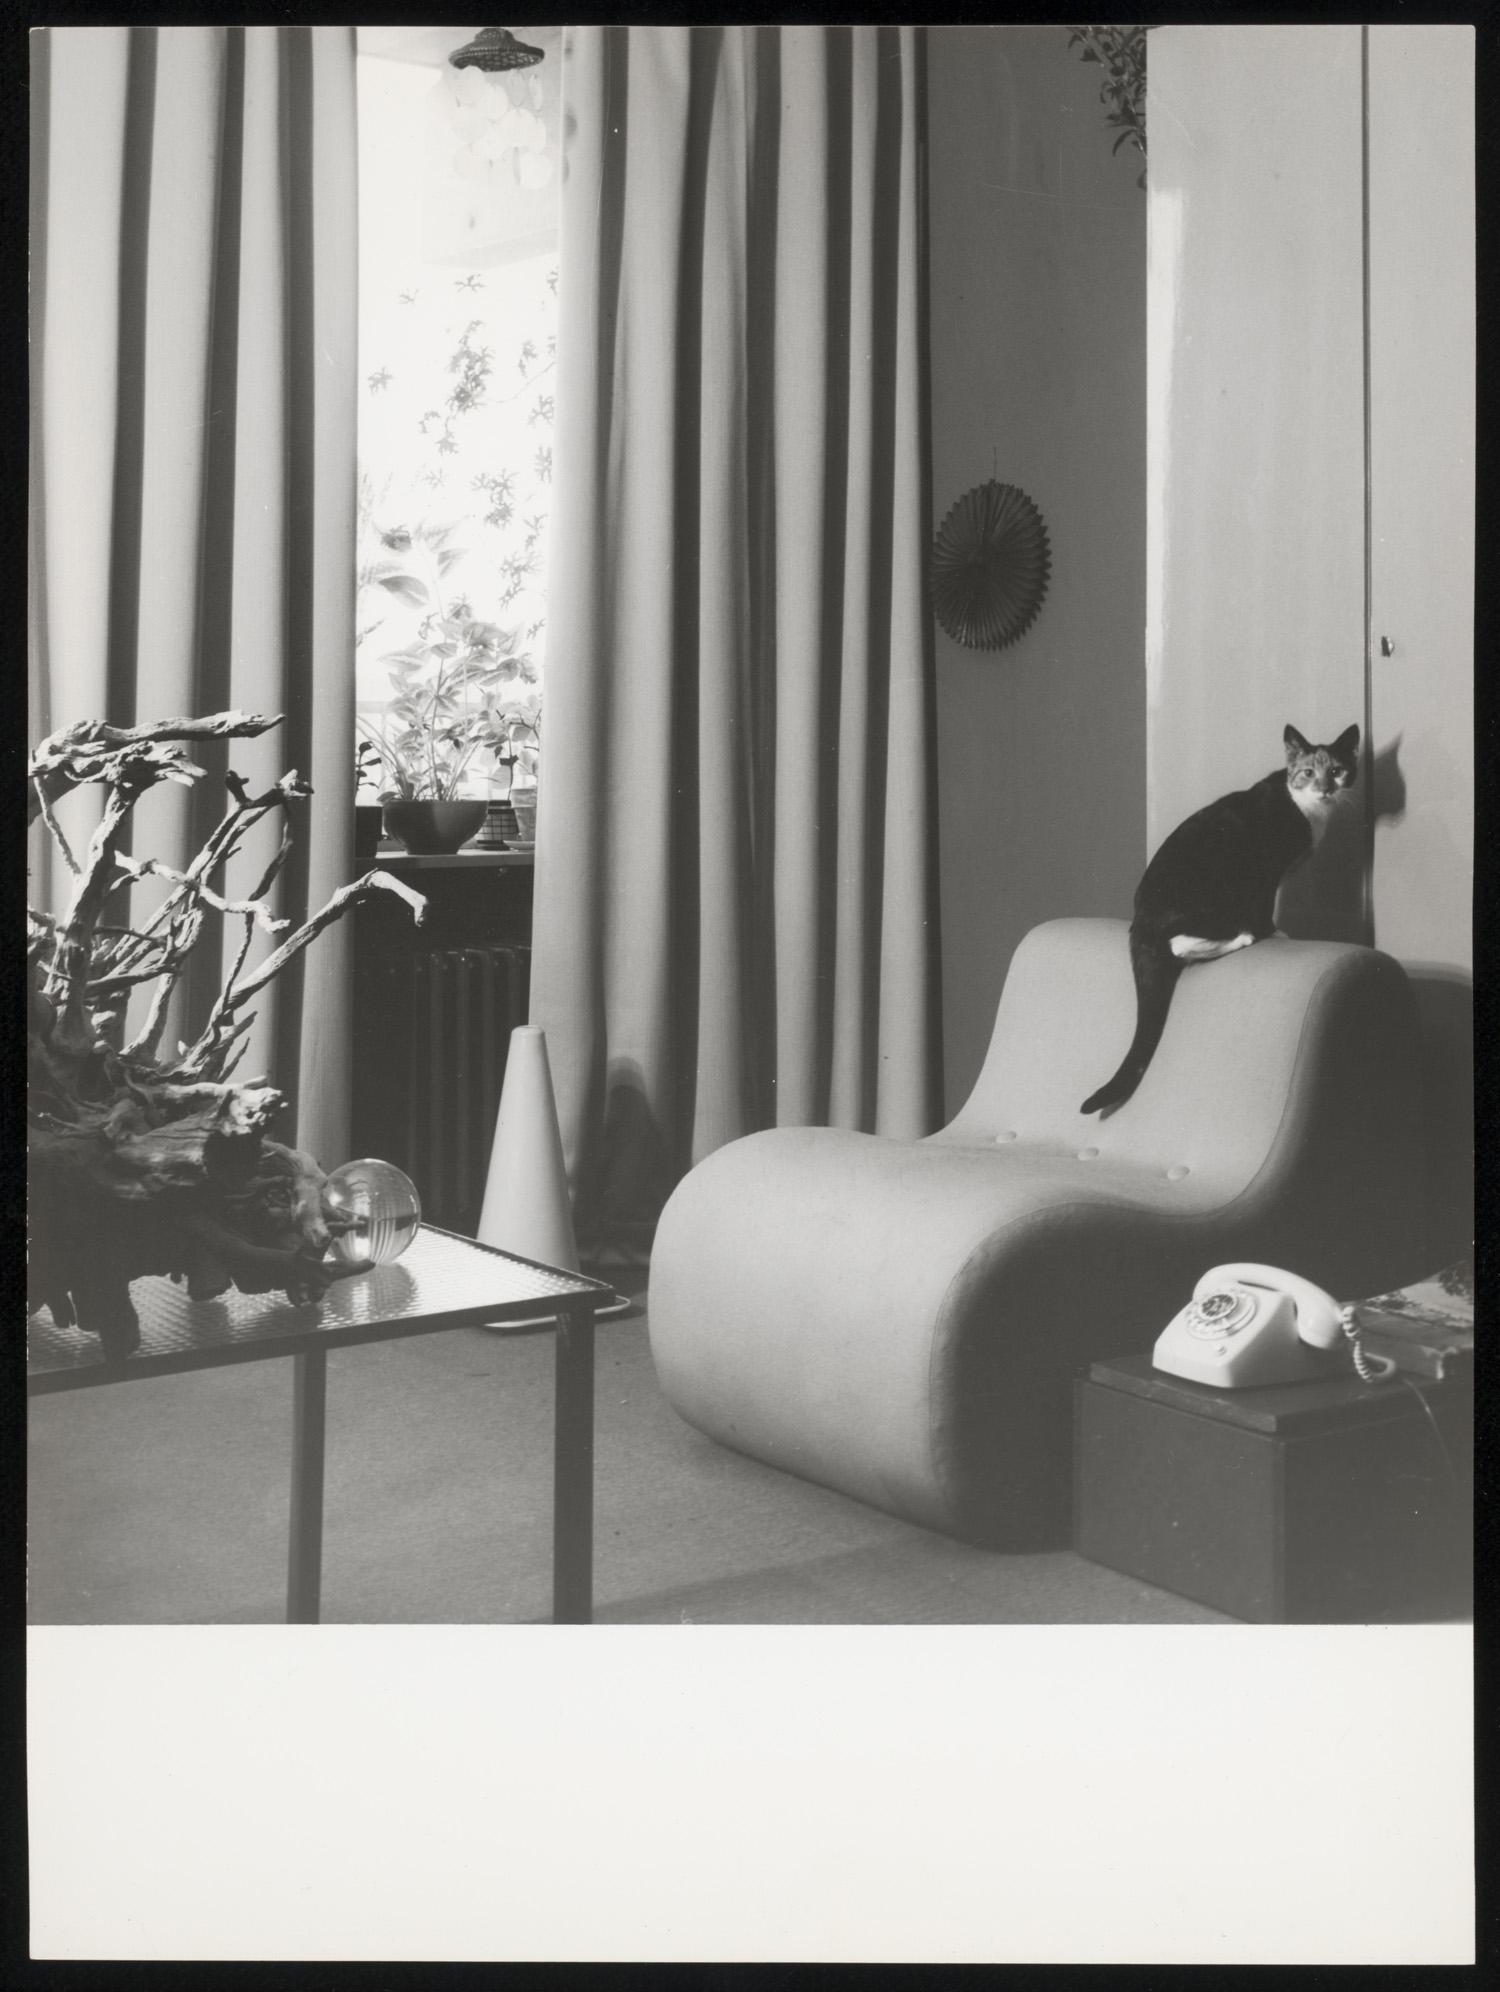 Interieur met lange gordijnen reclame voor aka 1970 for Interieur 1970